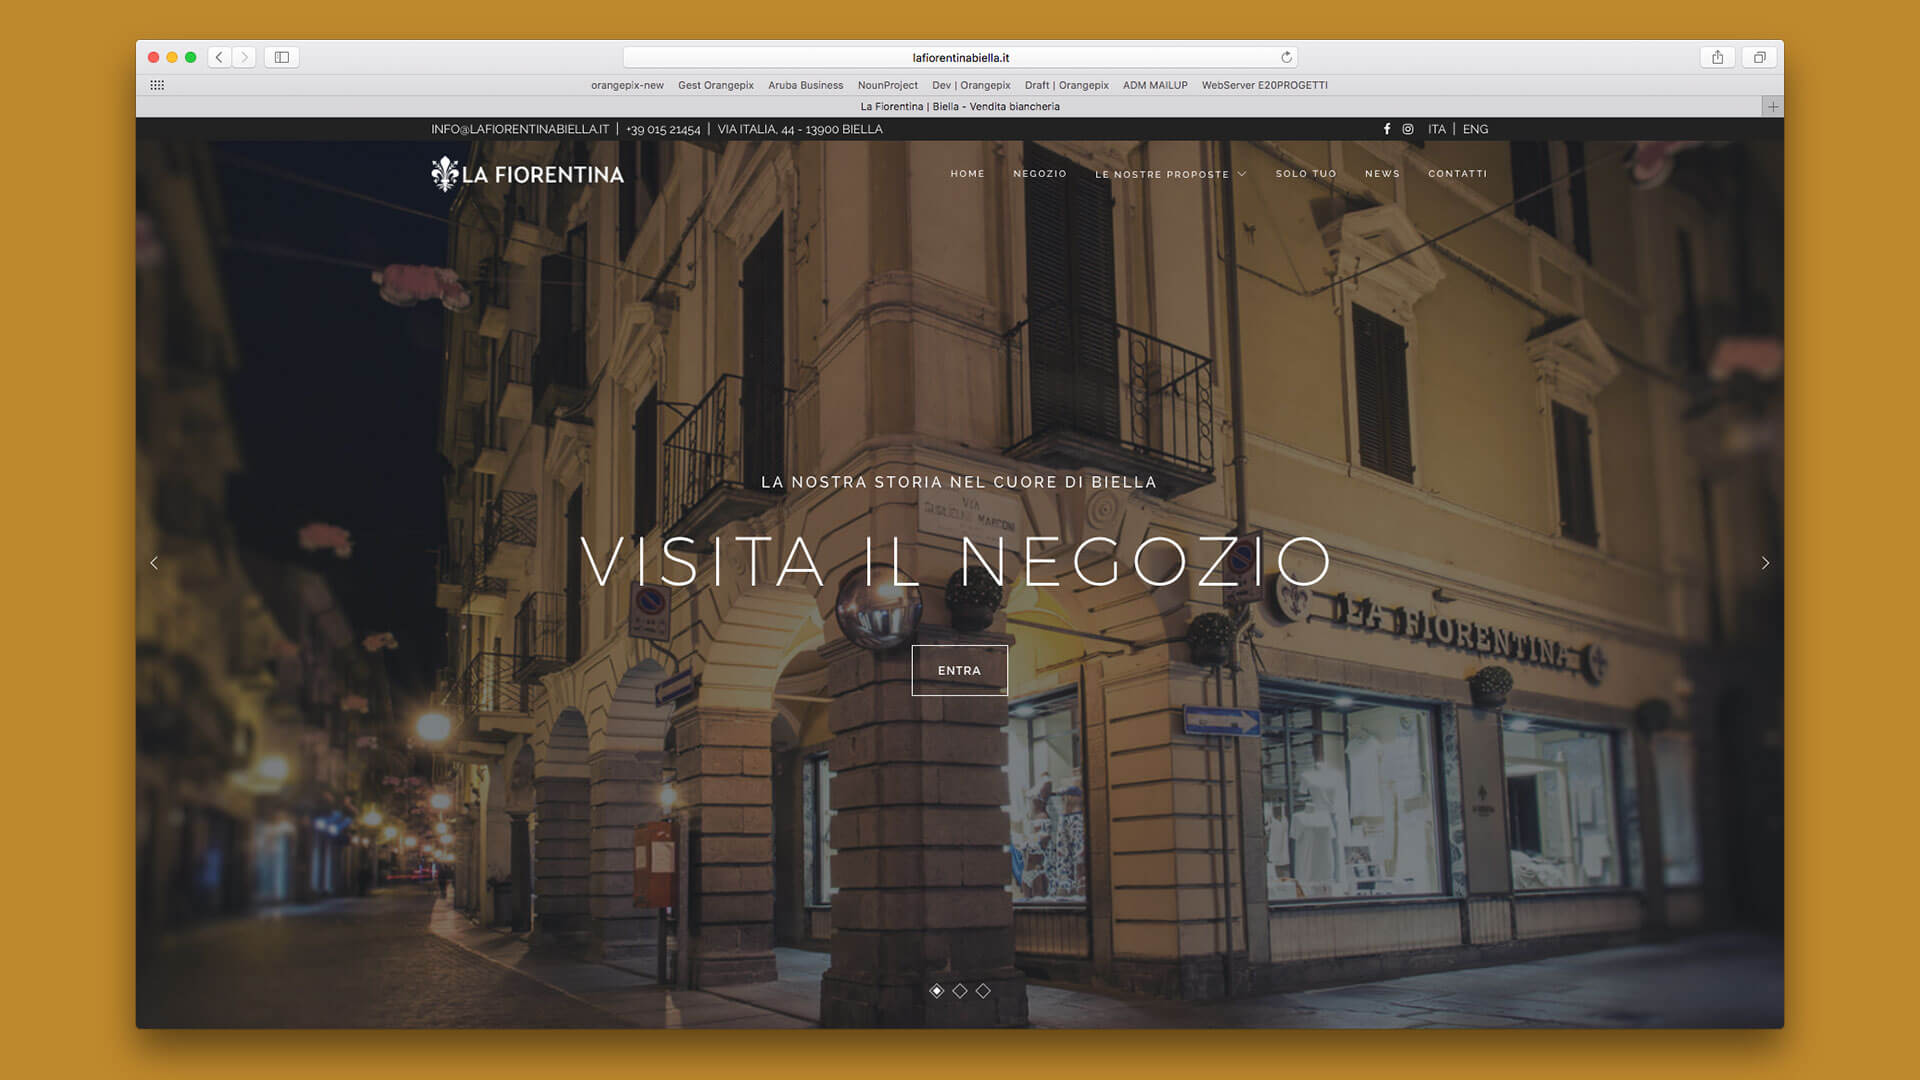 Sito Web di La Fiorentina realizzato da OrangePix a Biella